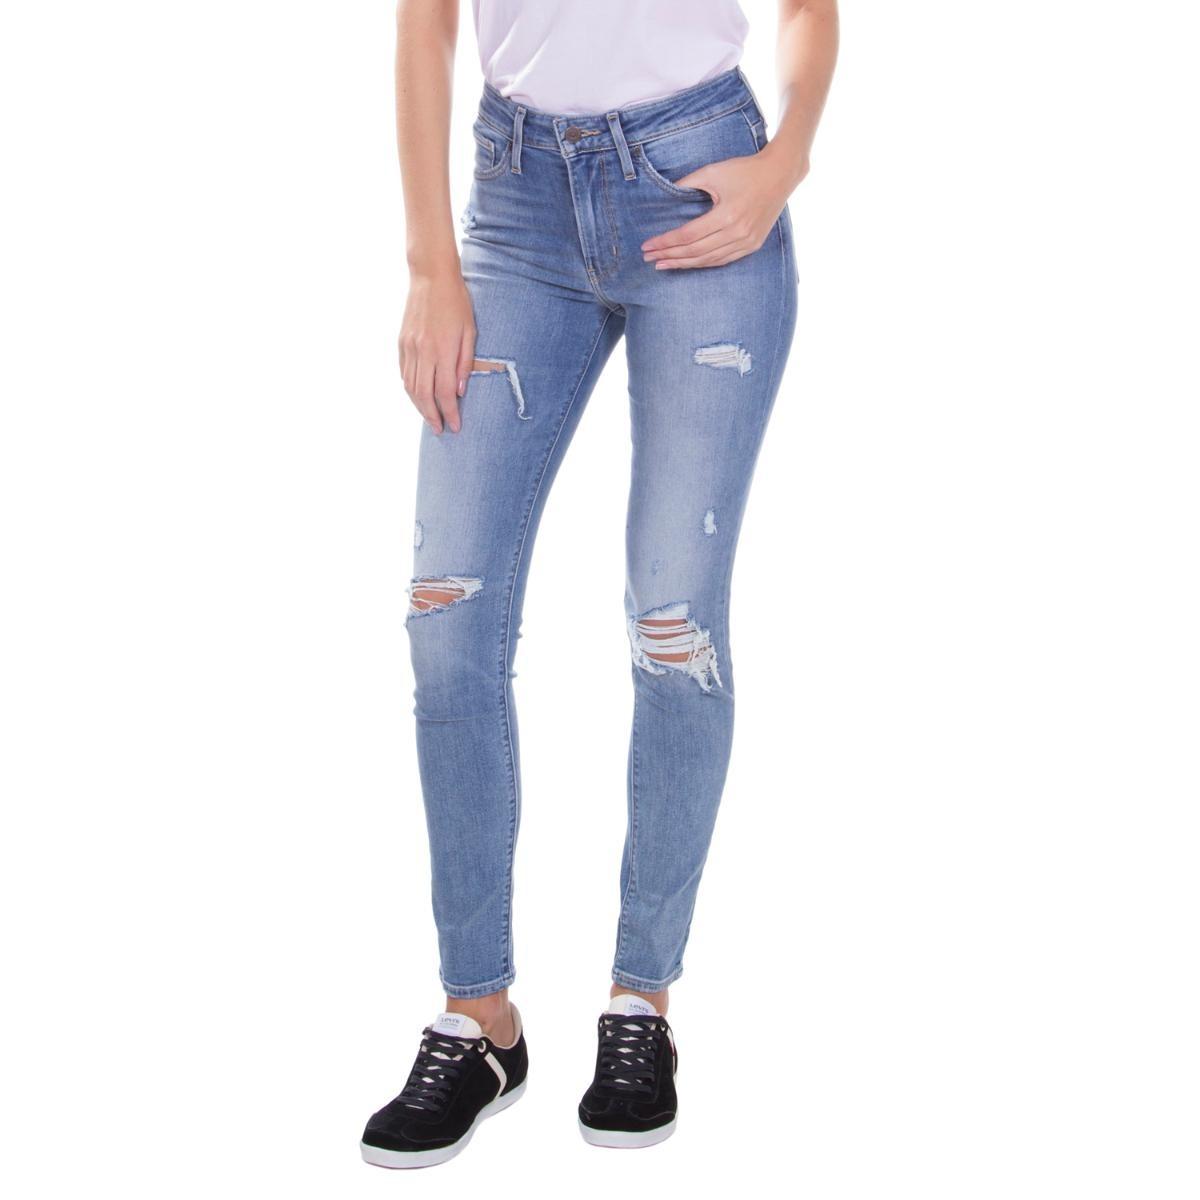 calça jeans levis feminino 721 high rise skinny azul médio. Carregando zoom. b4cfda165e